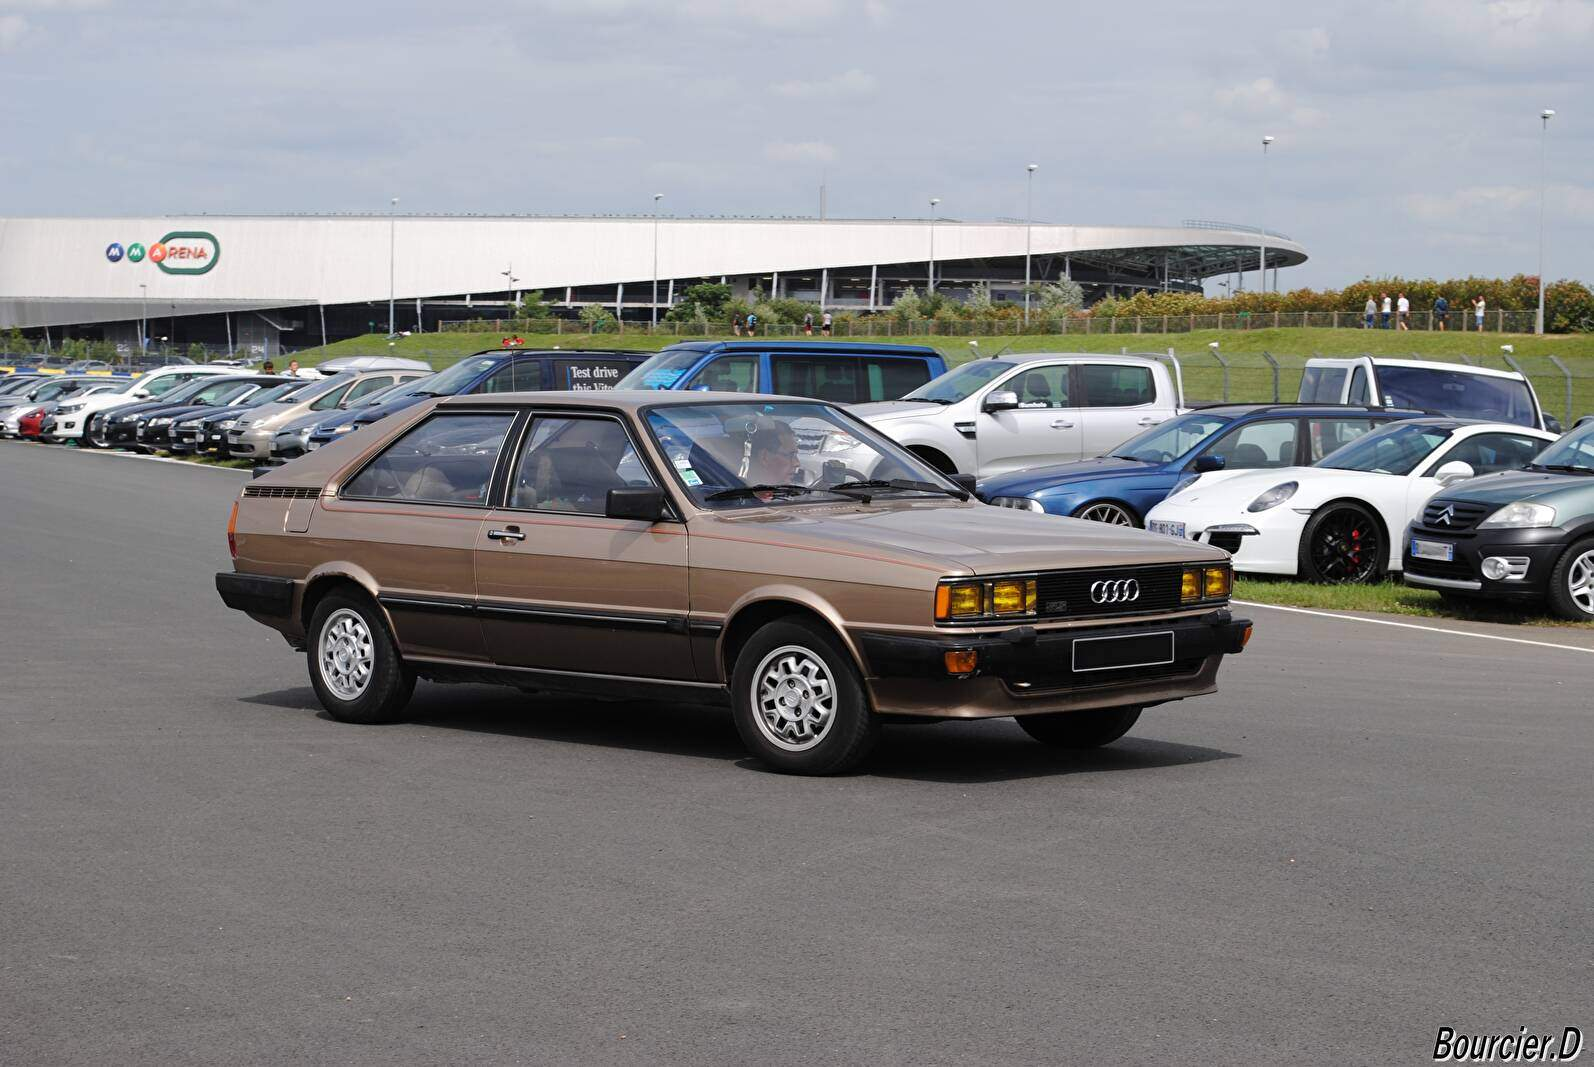 Fiche technique Audi Coupé GT/5S (1980-1983)